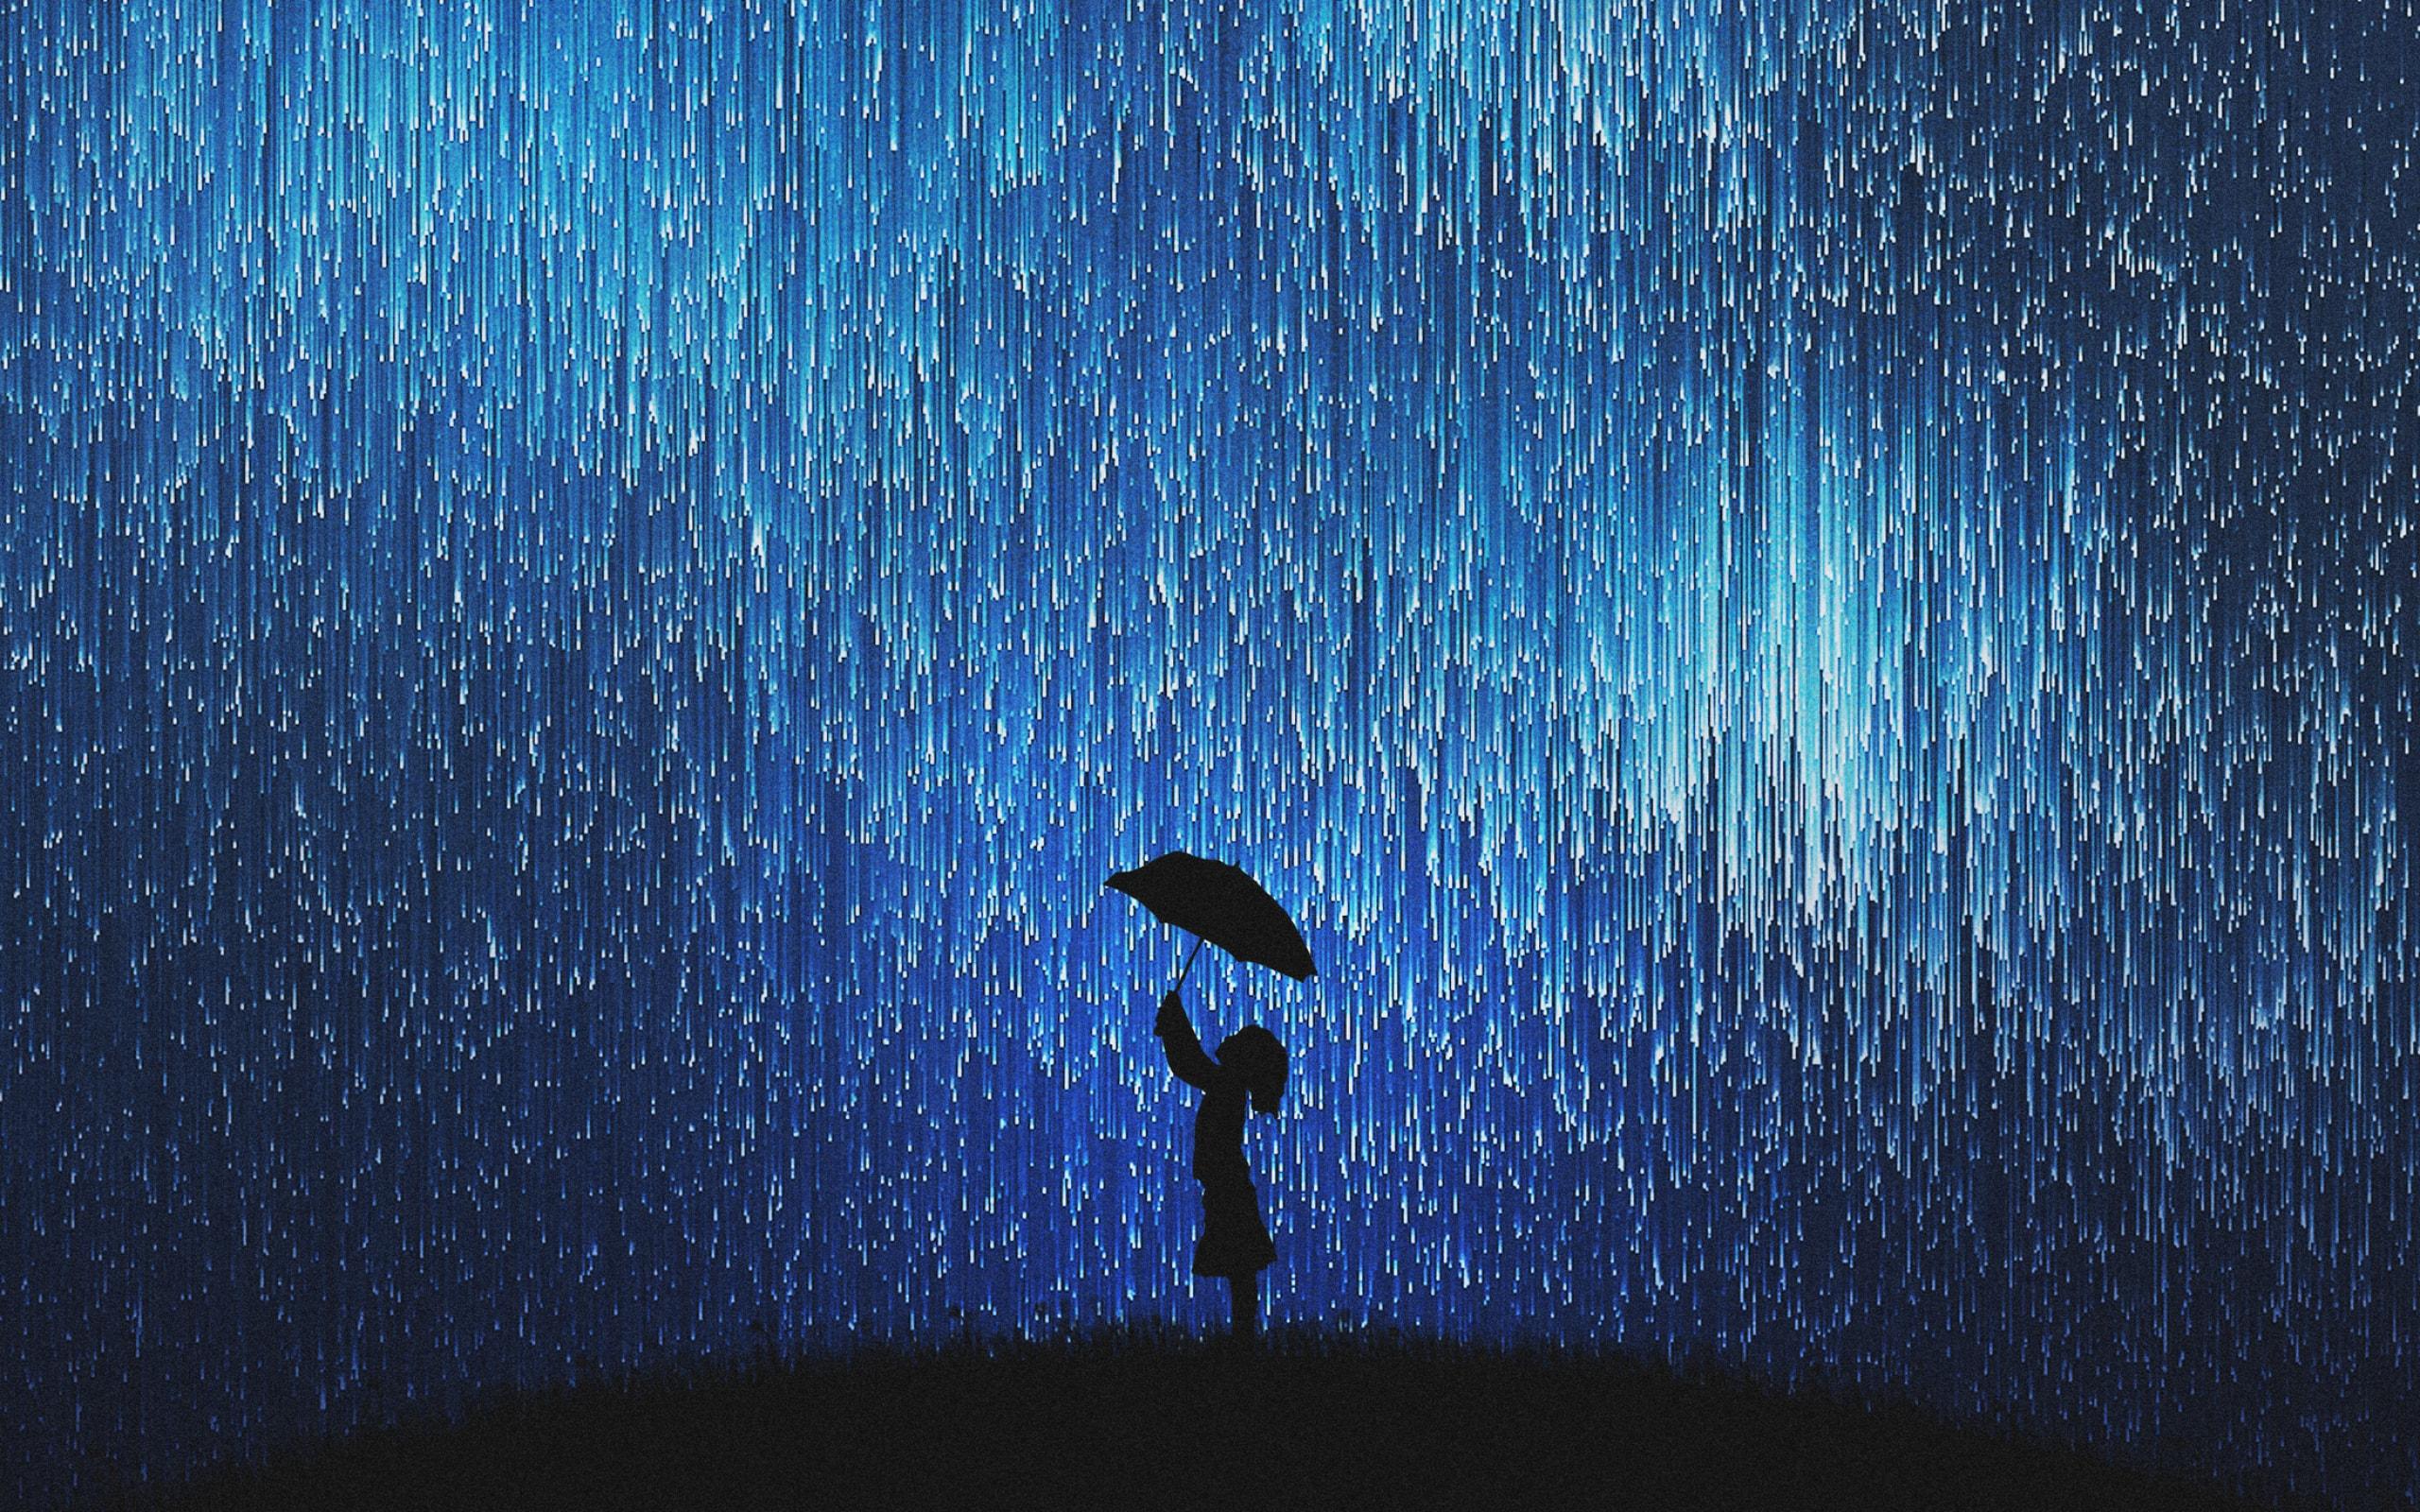 Wallpaper of Umbrella Rain Silhouette Dream background HD image 2560x1600